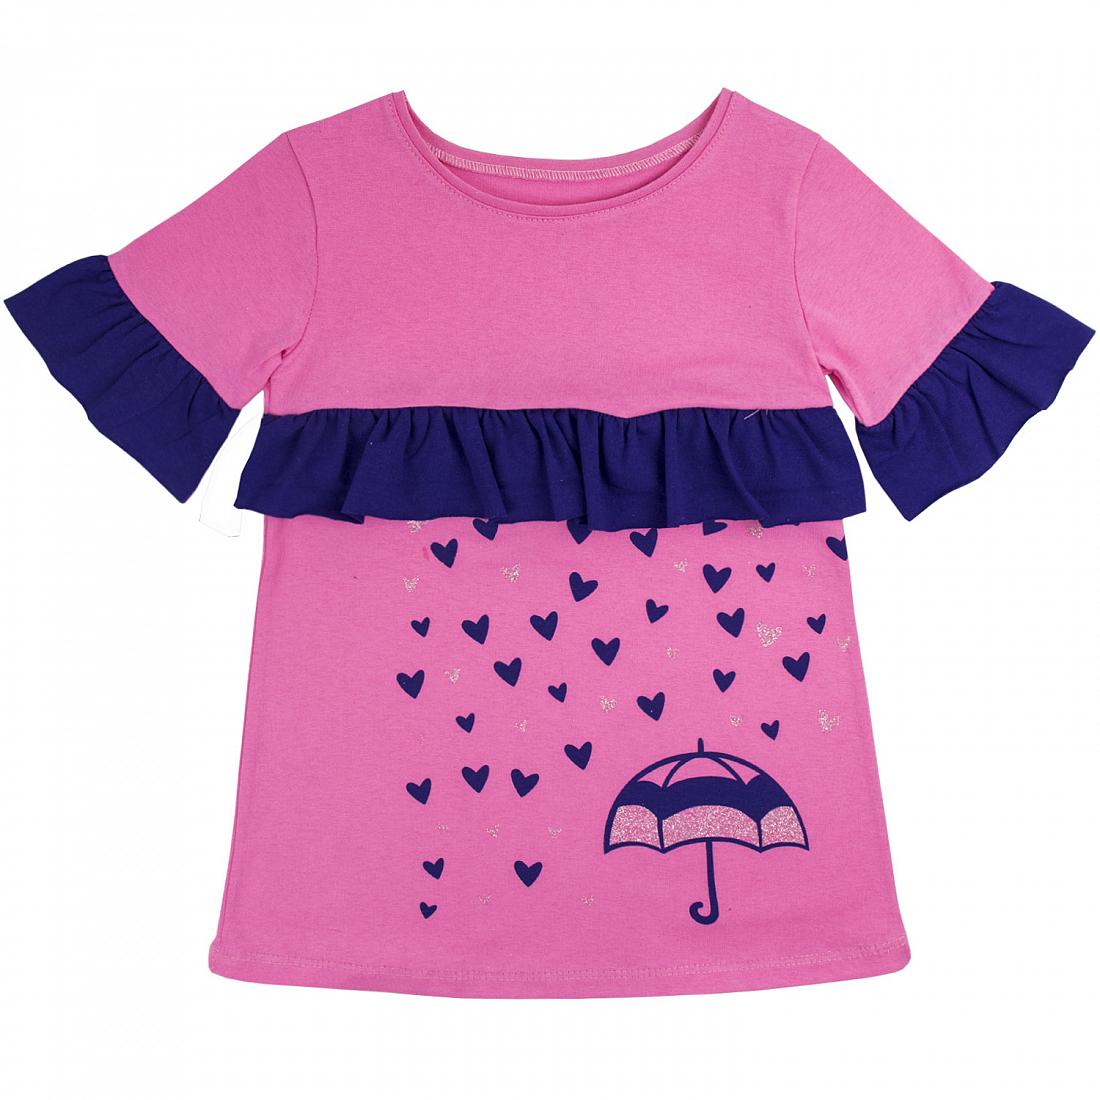 Купить 900 к ап, Платье детское Юлла, цв. розовый р. 122, Платья для девочек